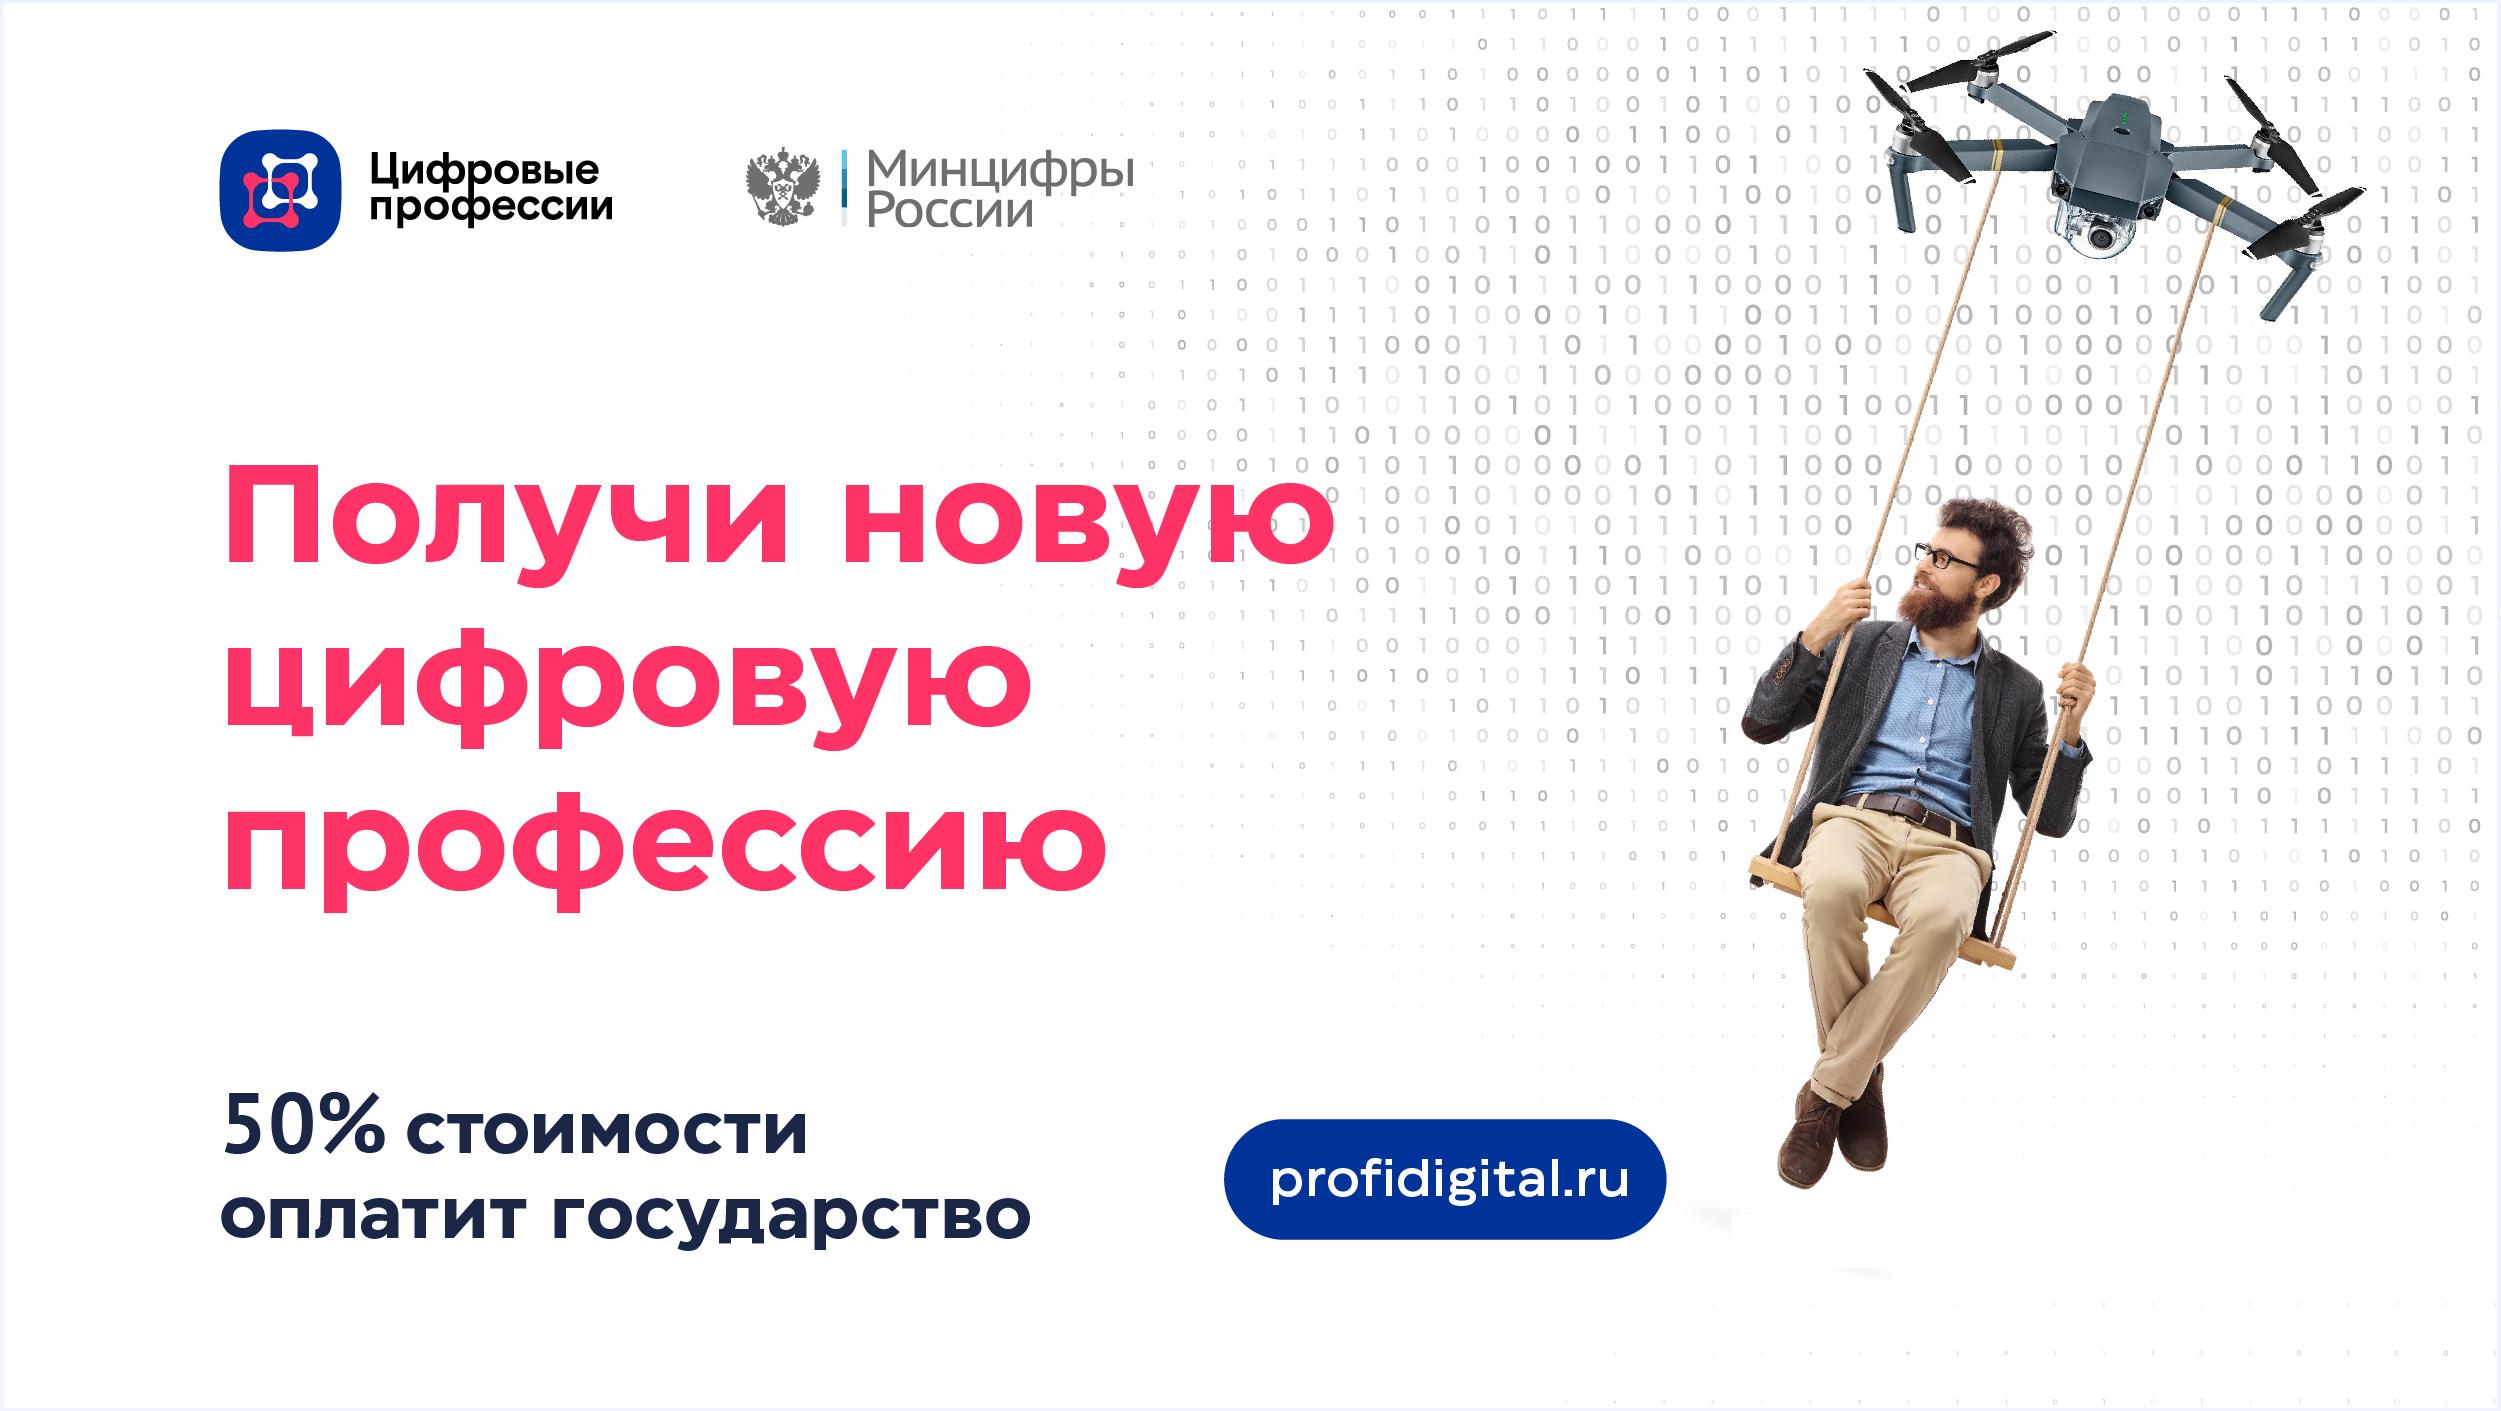 Началась регистрация заявок на обучение цифровым профессиям